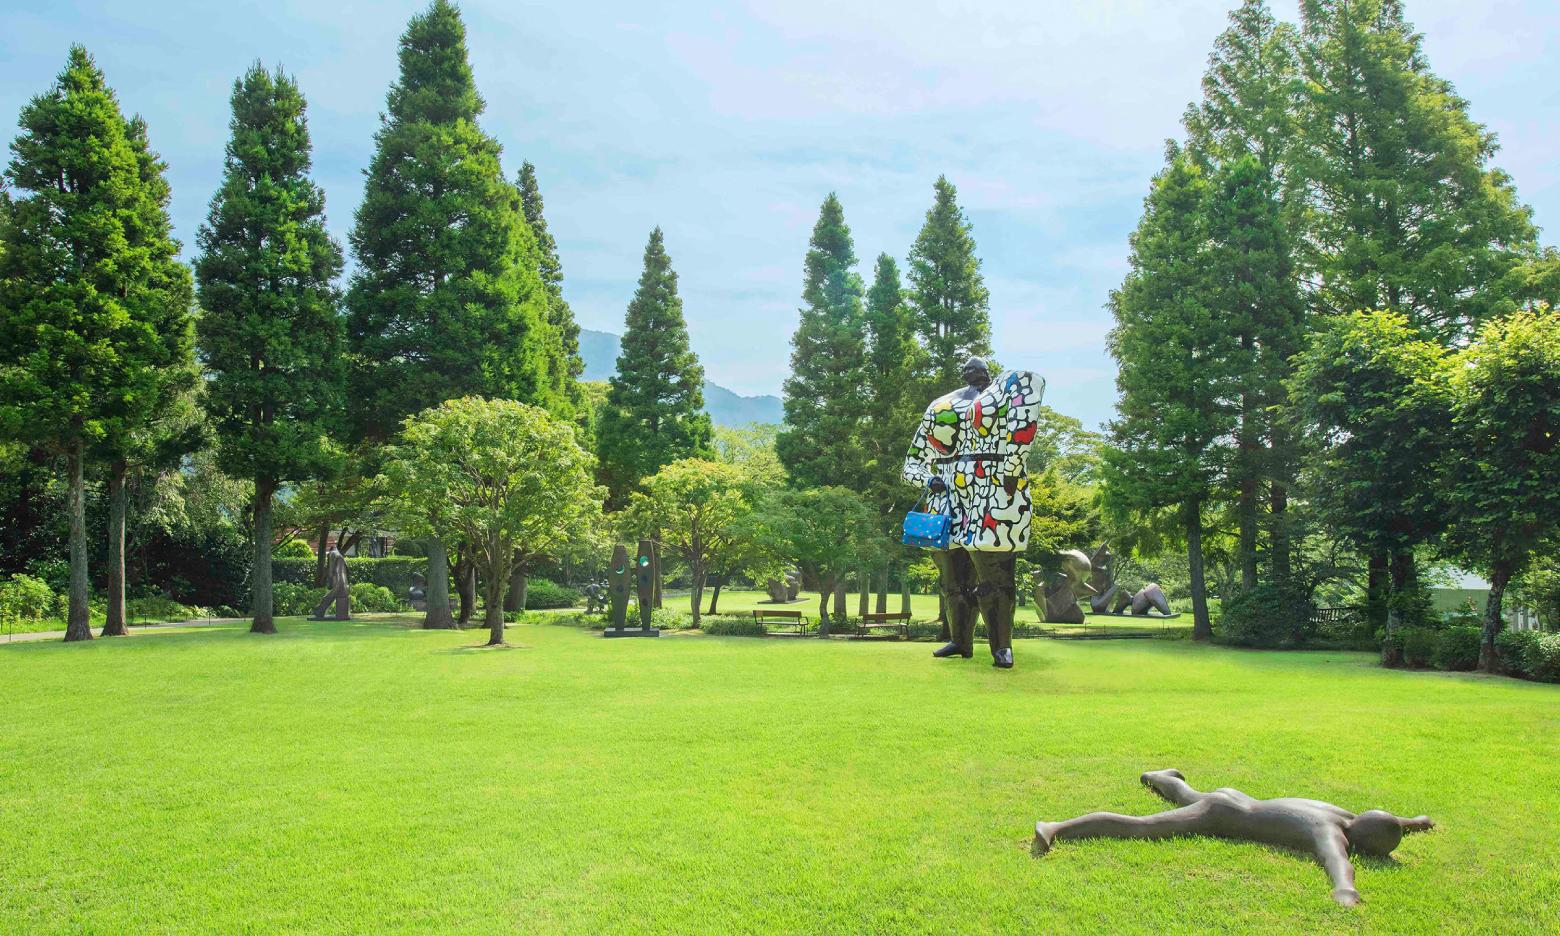 彫刻、ガラス細工、洋画、日本画など、多彩なアートとの遭遇に心ときめく